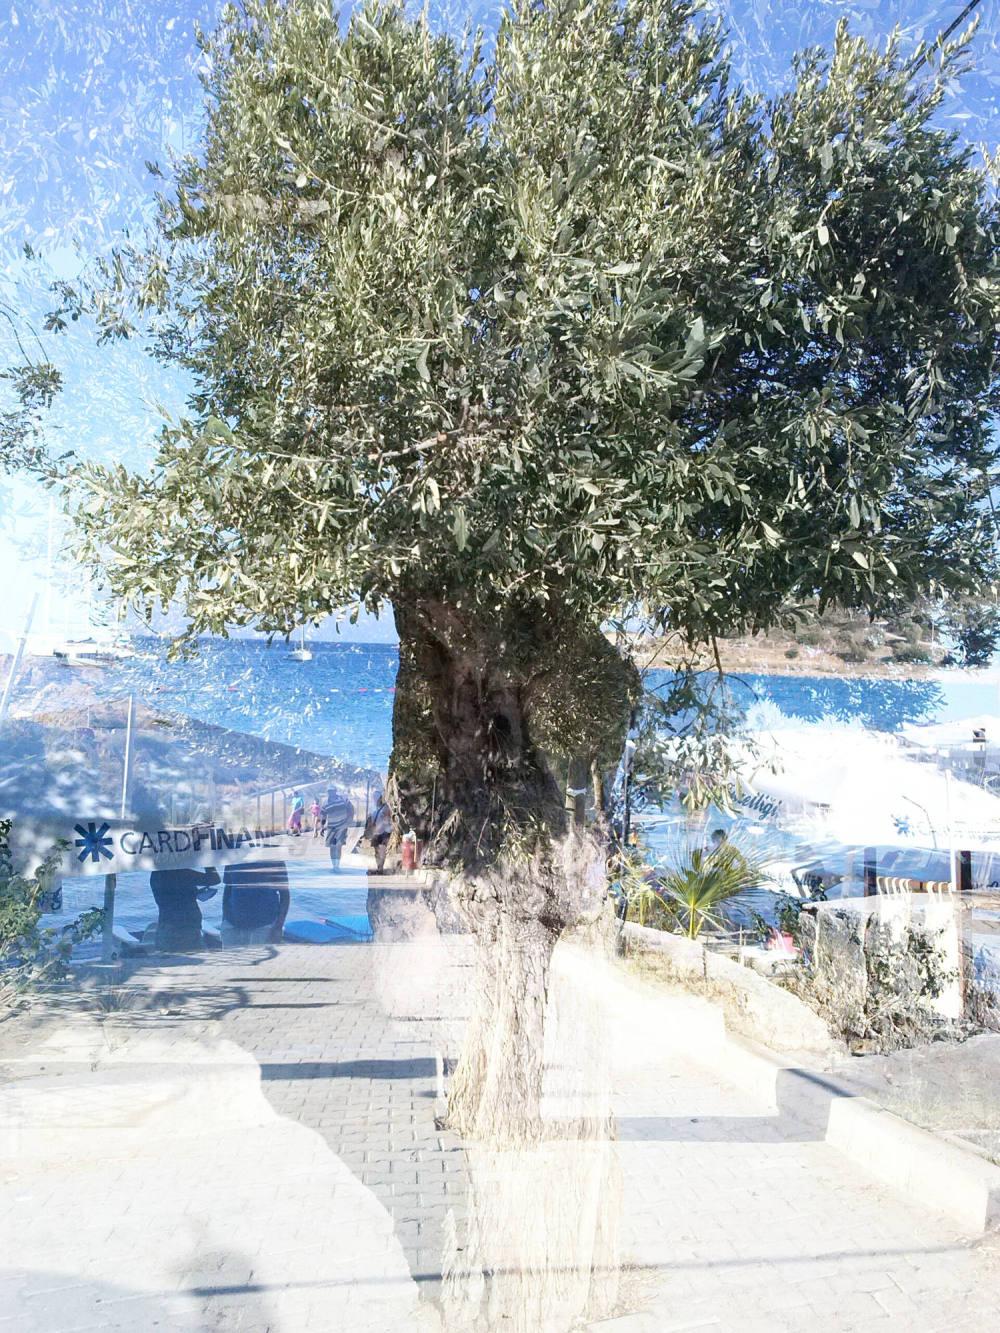 Tree trunk comparison and/or investigation, Datça.